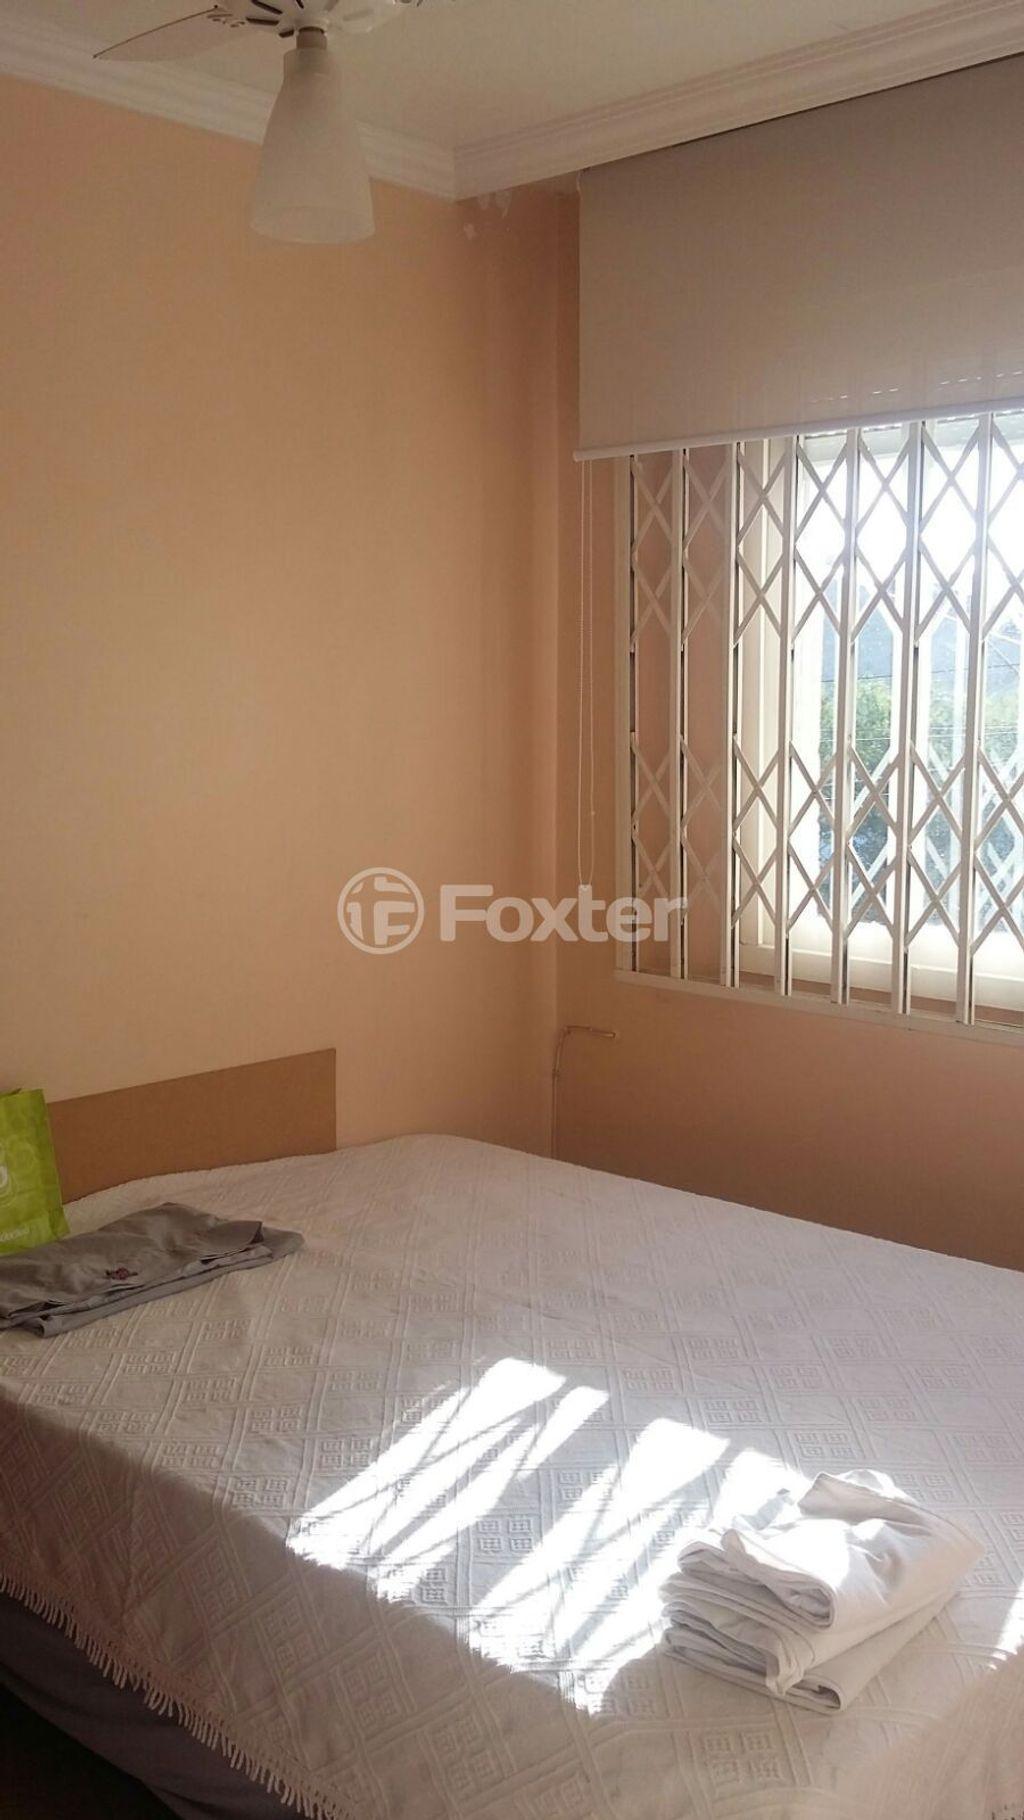 Apto 2 Dorm, Protásio Alves, Porto Alegre (136695) - Foto 4